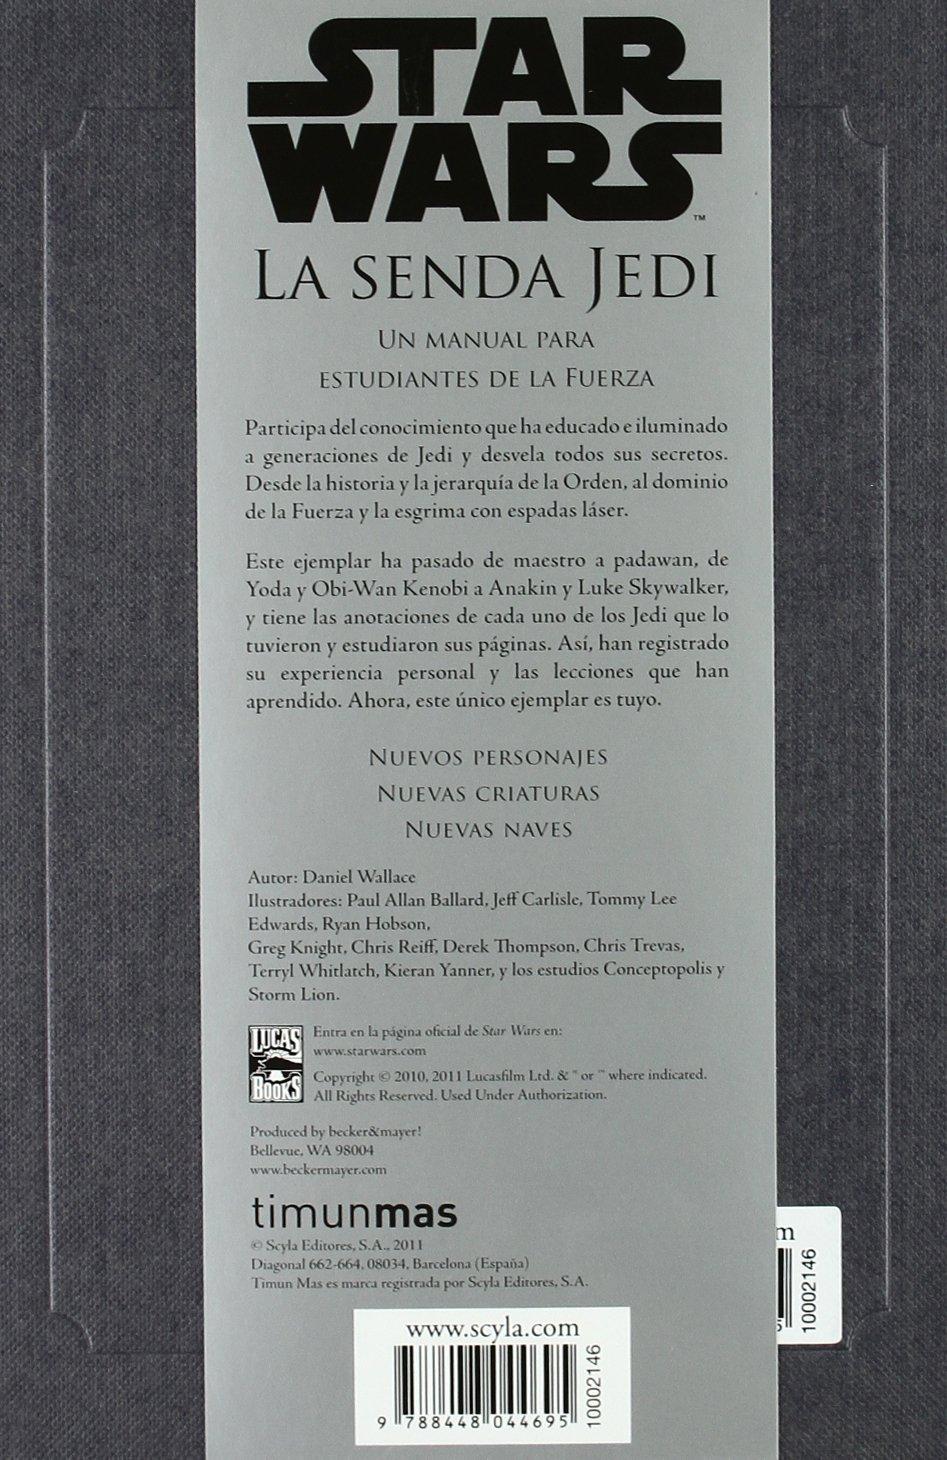 Star Wars La Senda Jedi (Star Wars Ilustrados): Amazon.es: AA. VV., Traducciones Imposibles S. L.: Libros